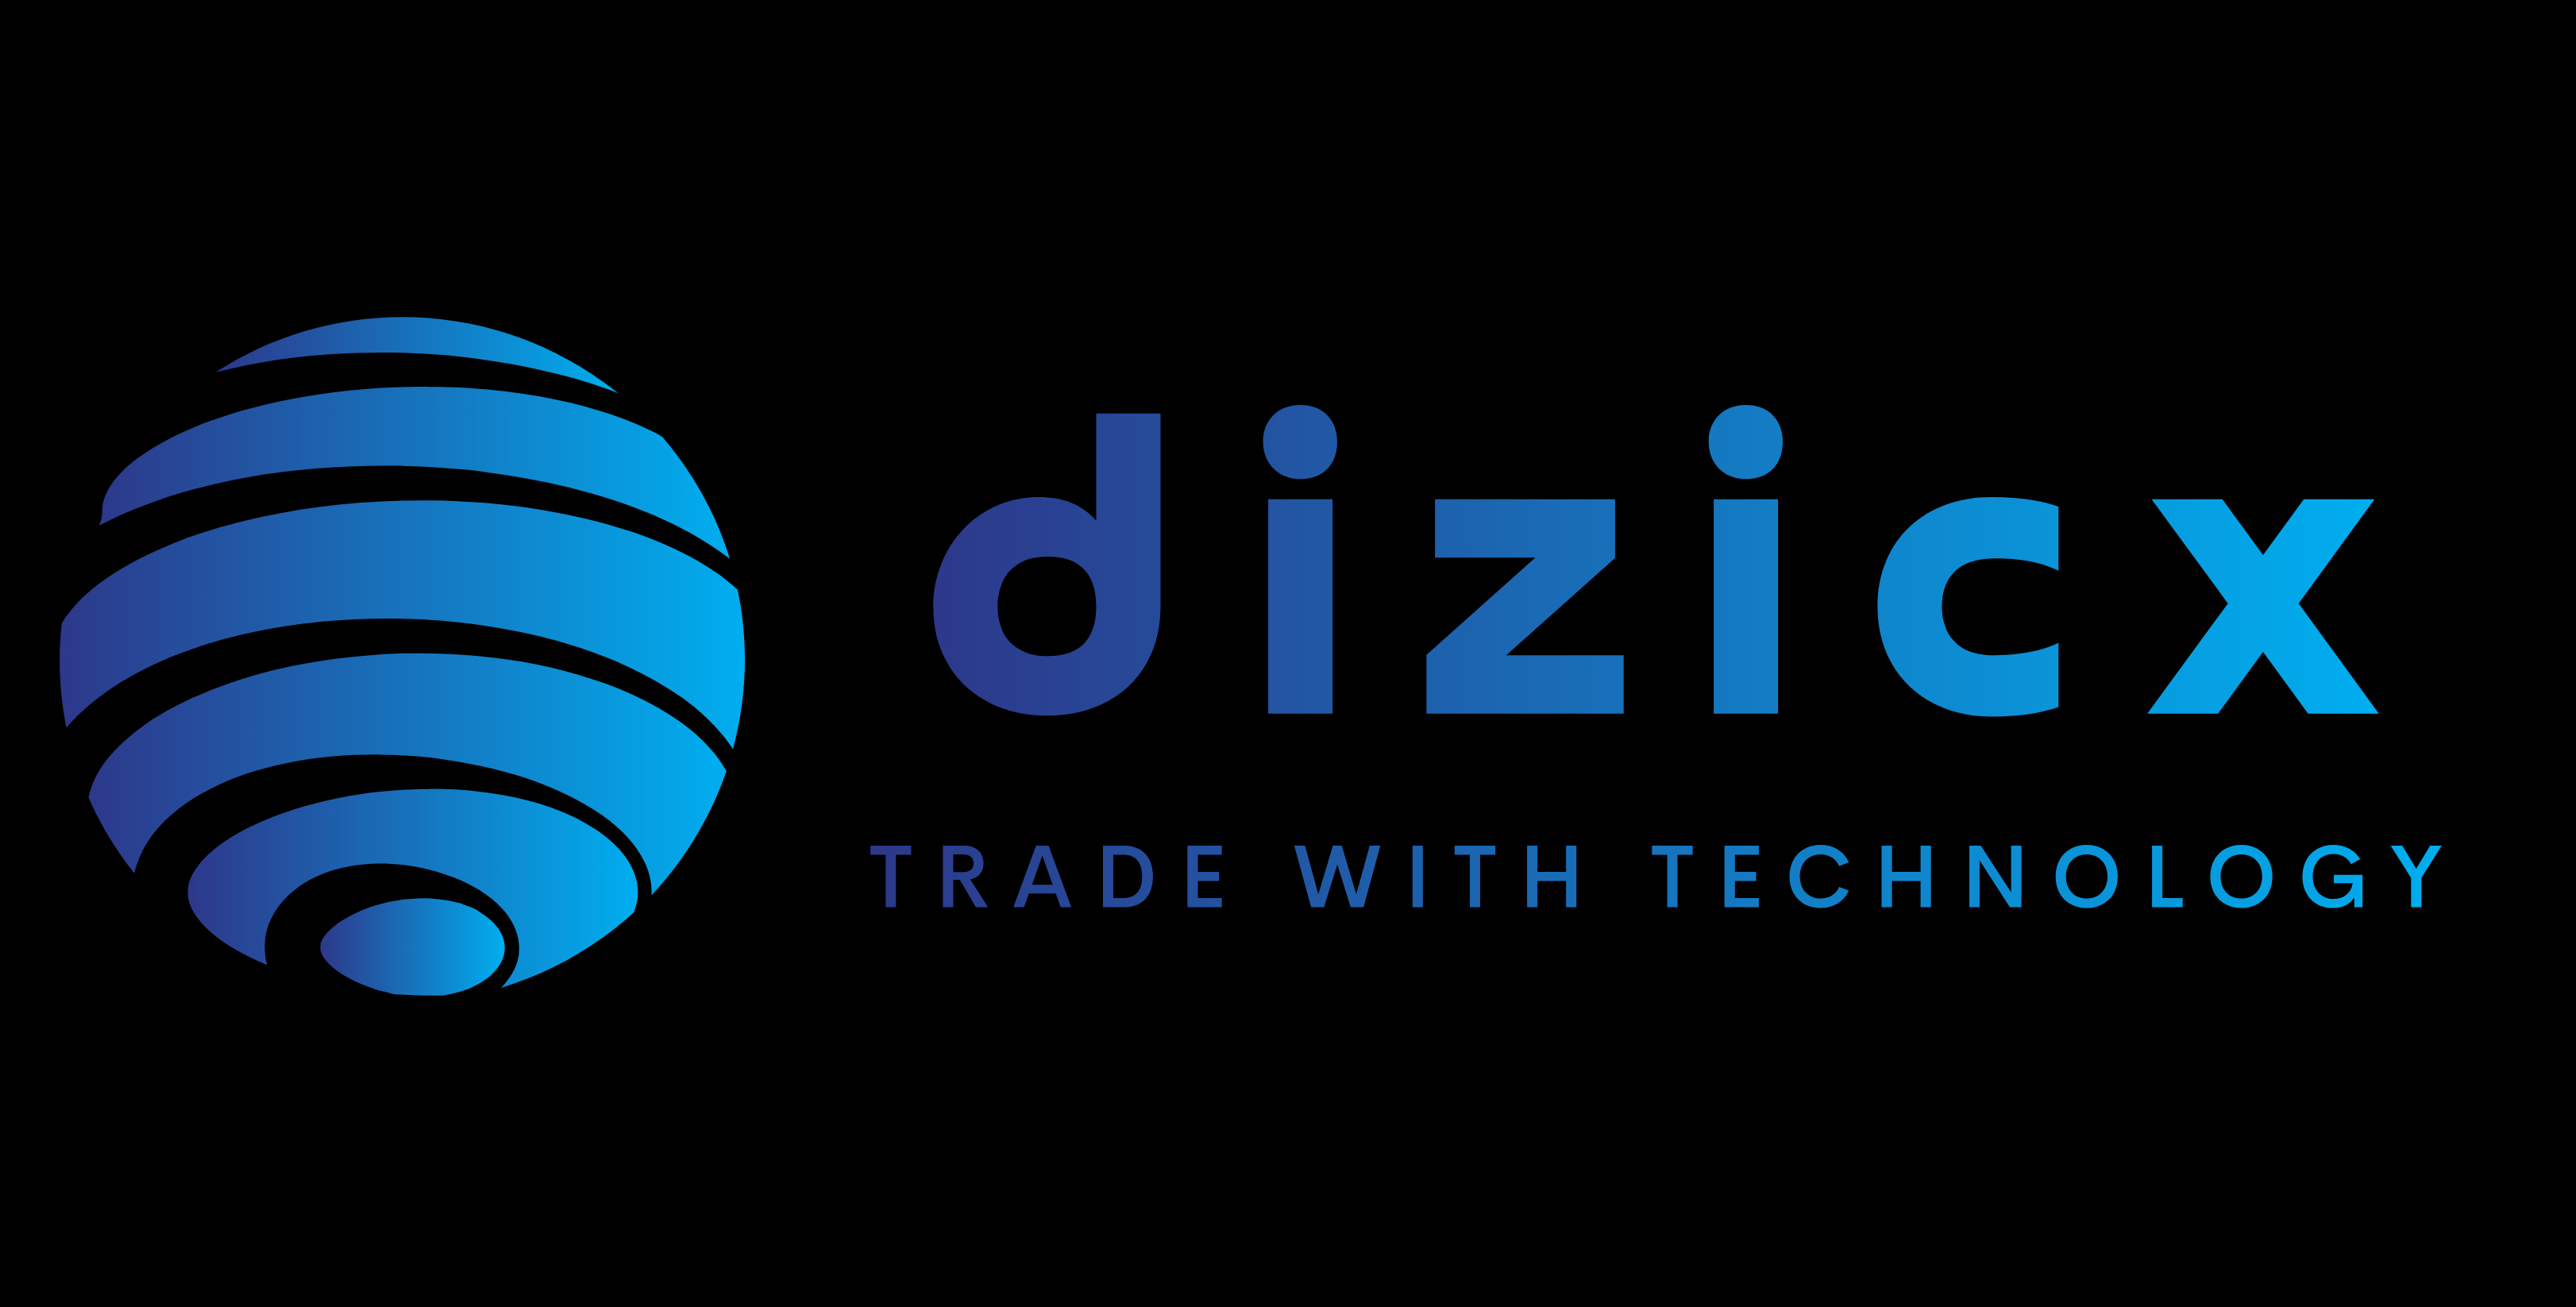 dizicx логотип компании